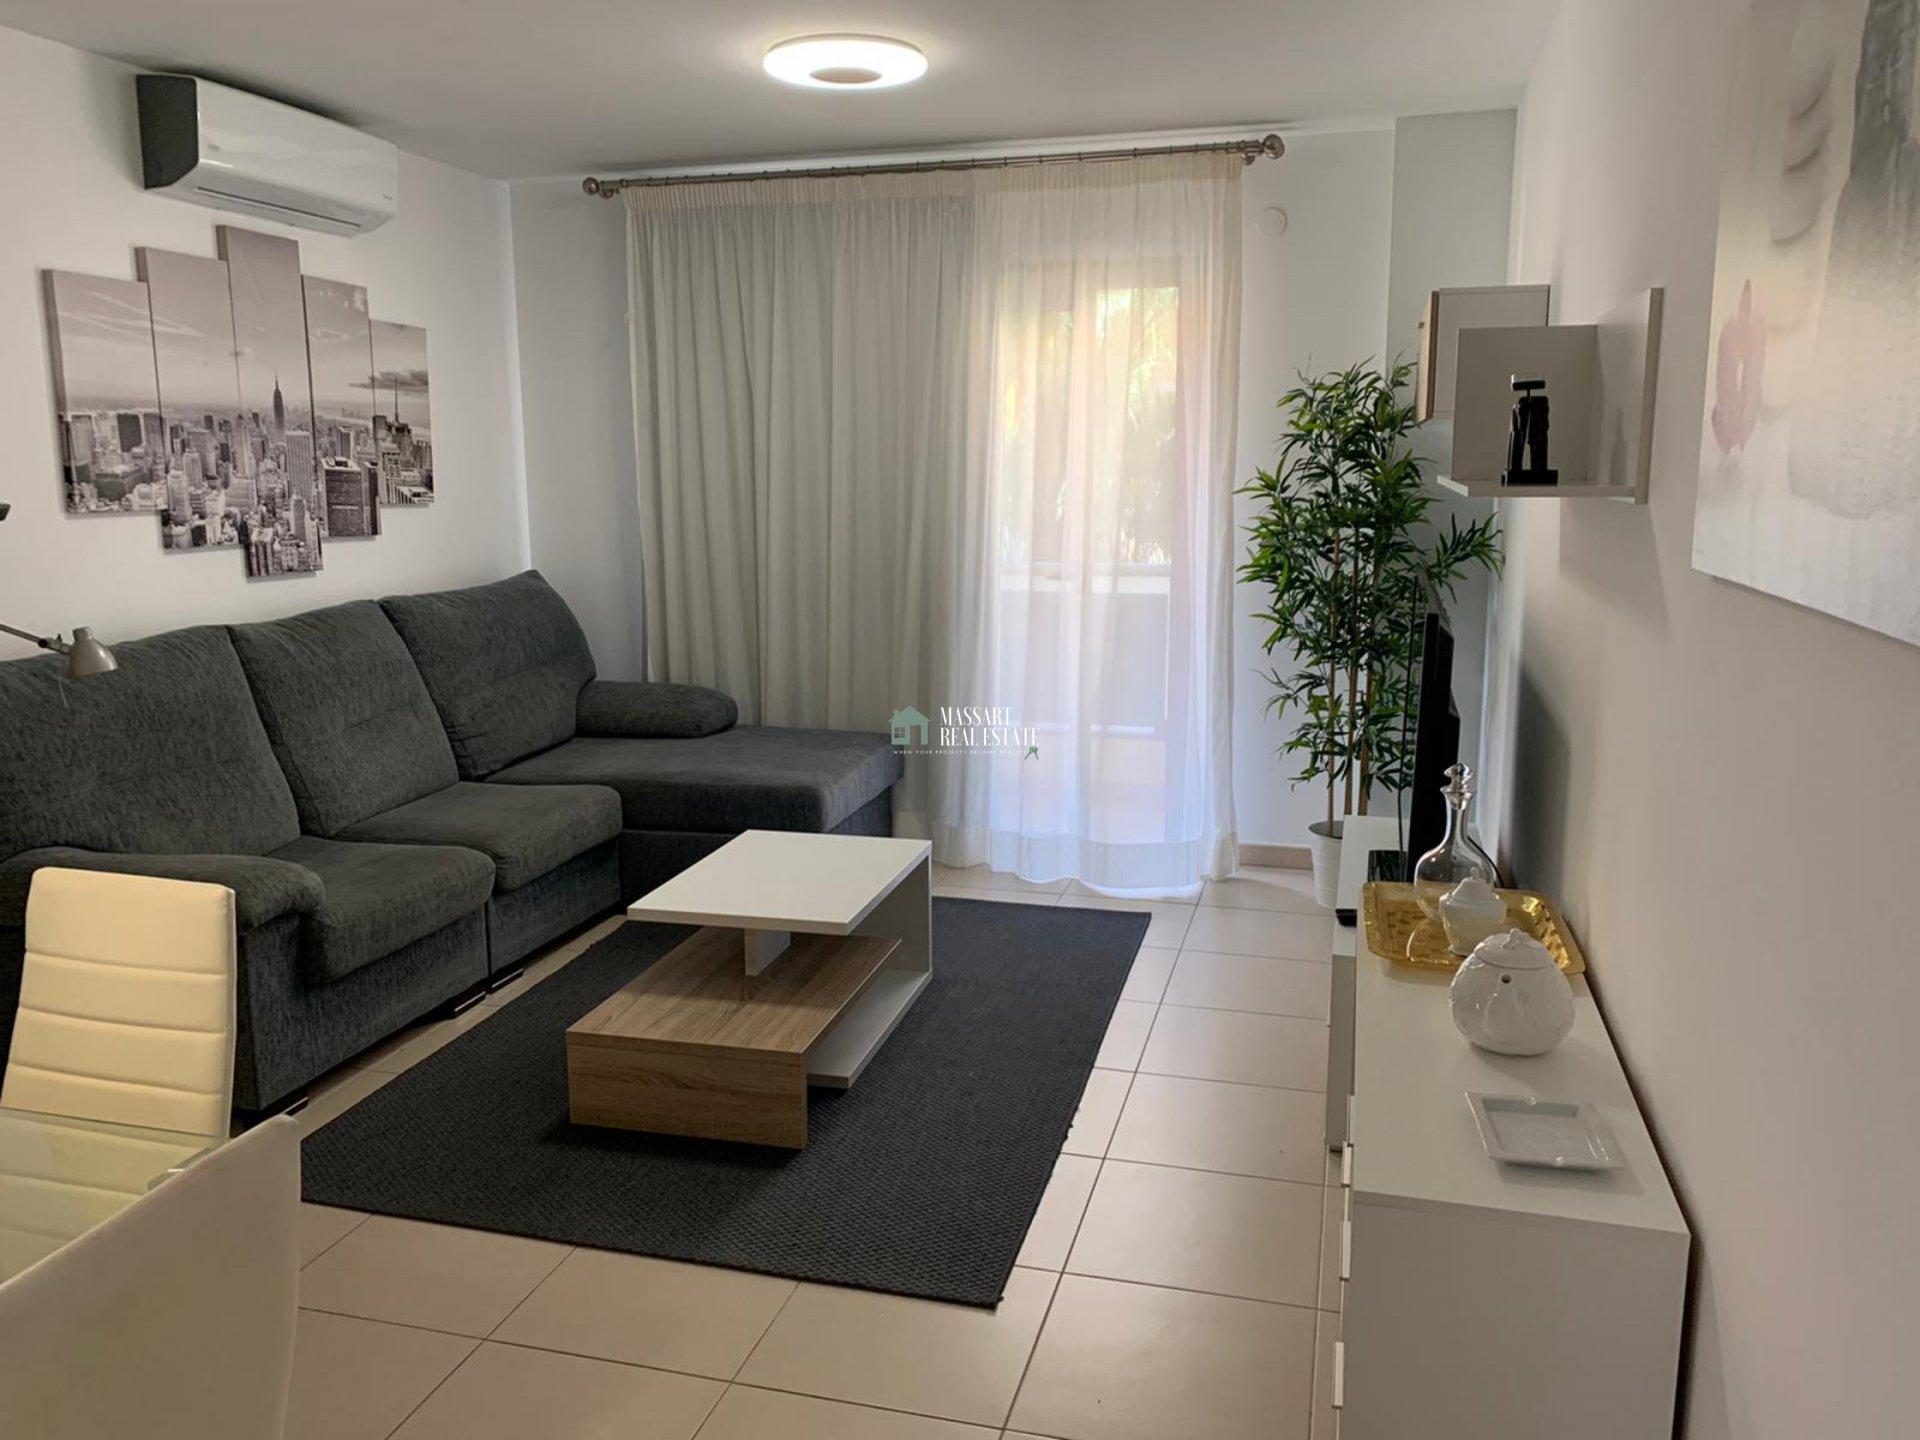 Apartamento moderno de unos 80 m2 en alquiler en el costero pueblo de Alcalá (Guía de Isora).